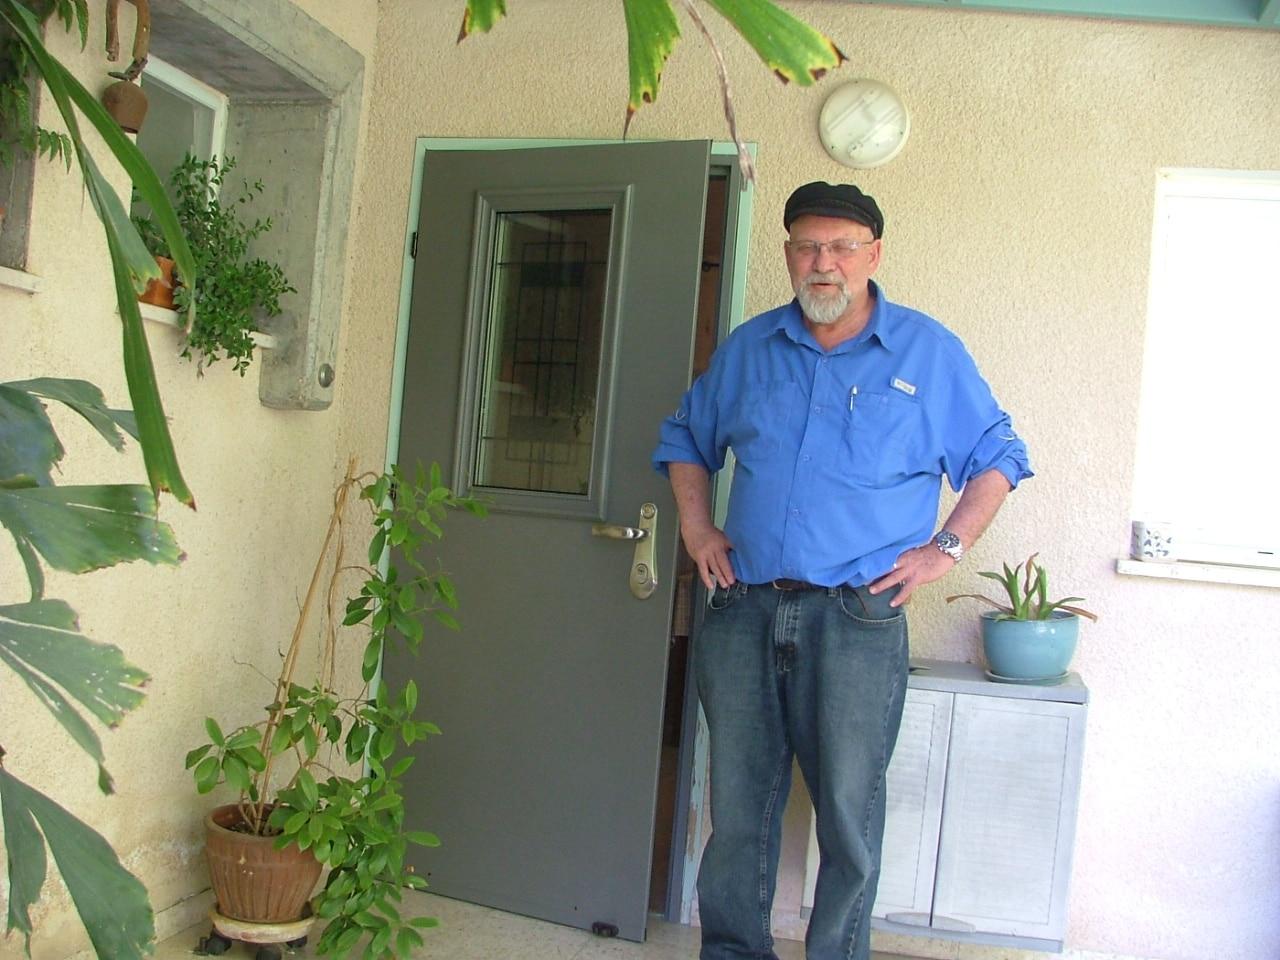 יעקב שופר מעין השופט ליד דלת מותקנת